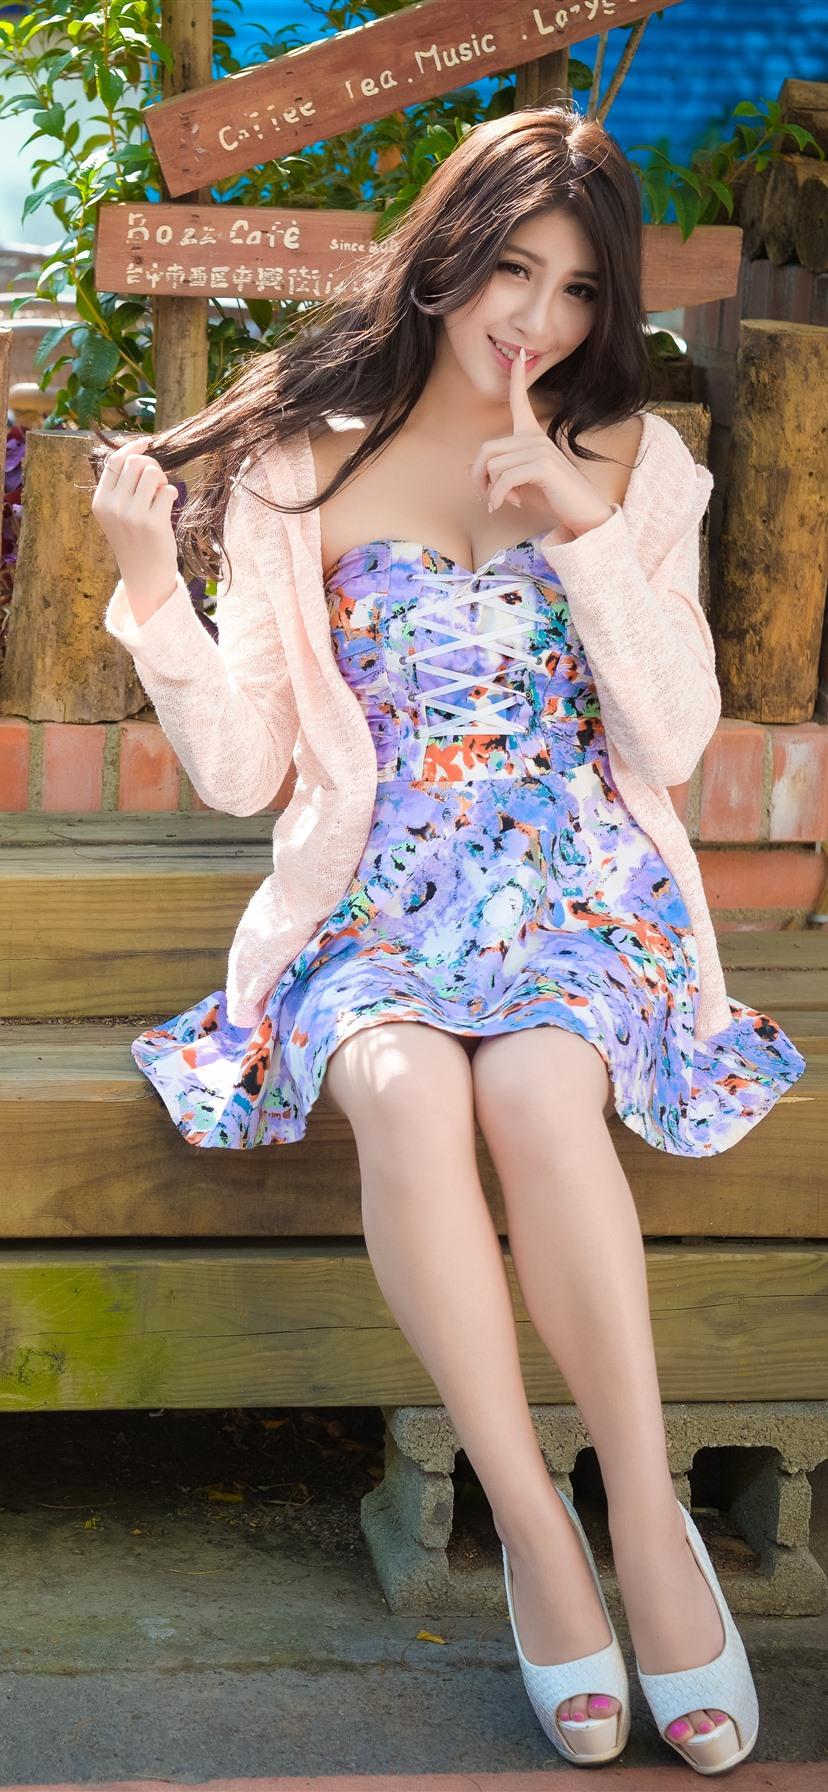 Summer girl, blonde, wind iPhone X 8,7,6,5,4,3GS wallpaper